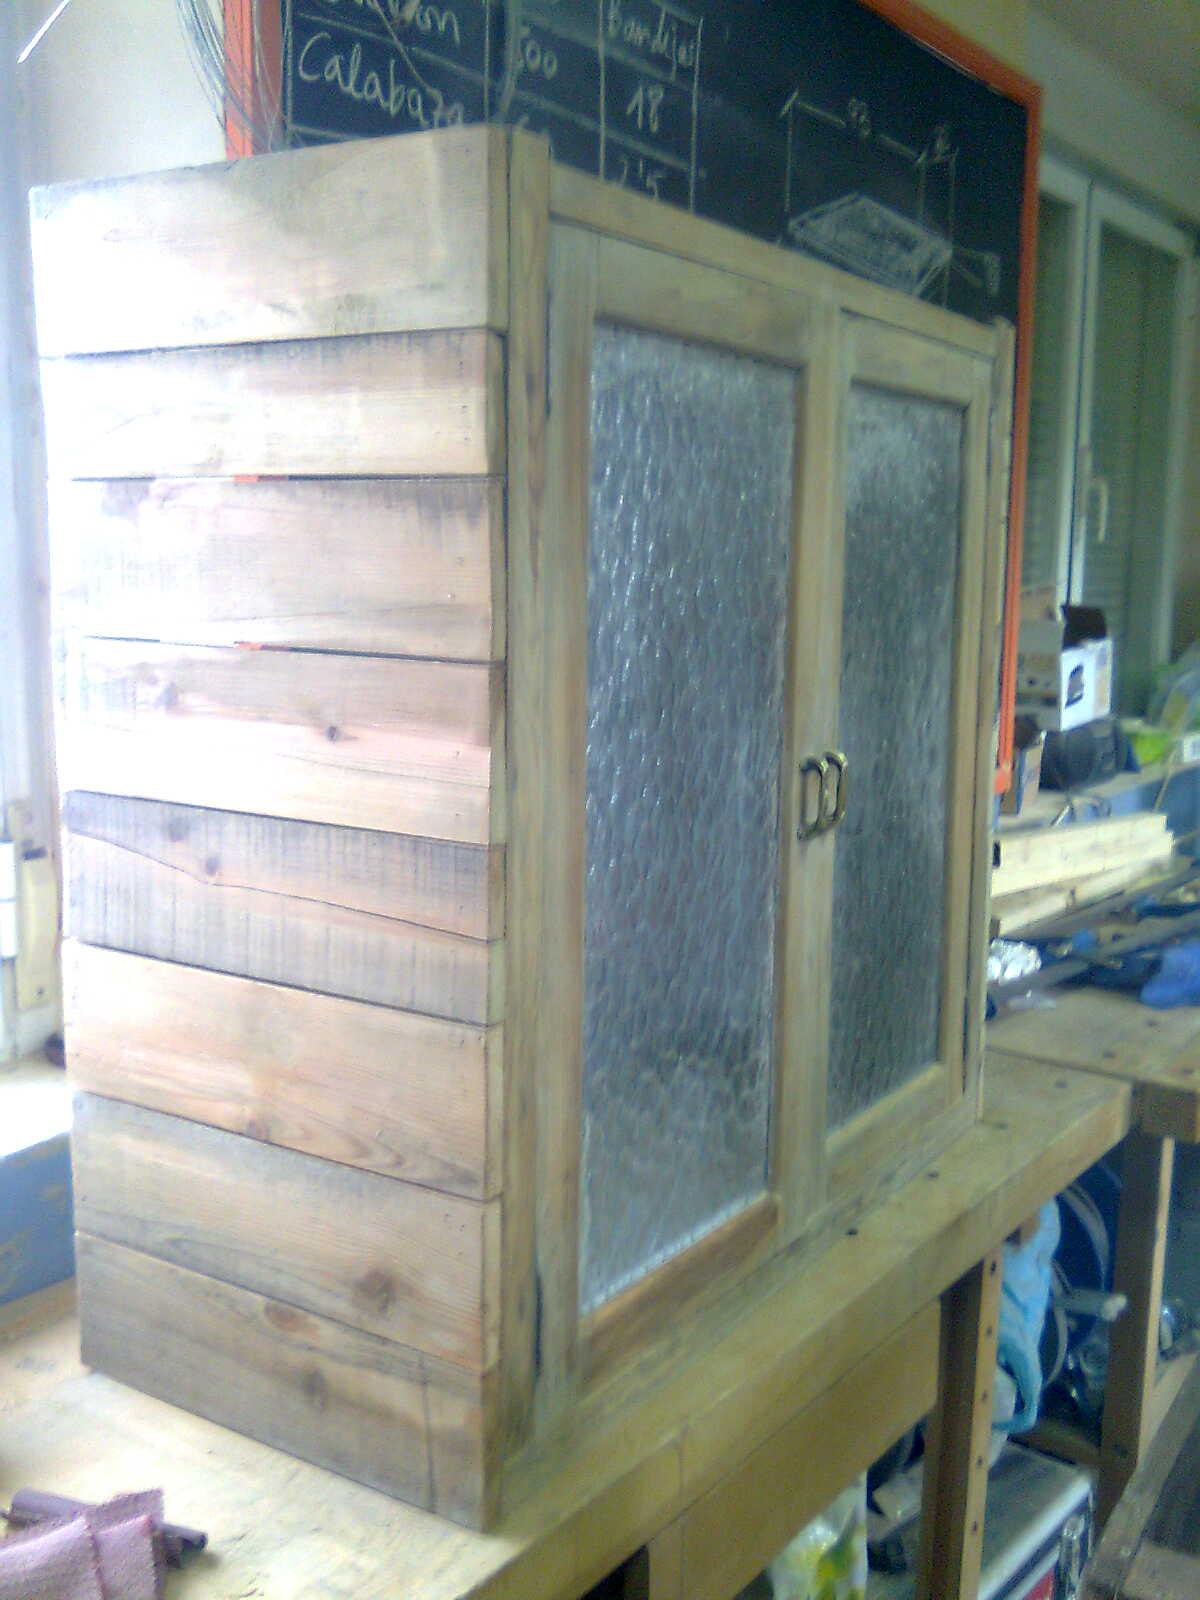 Apafam nuestra tienda muebles a medida con madera reciclada for Generando diseno muebles